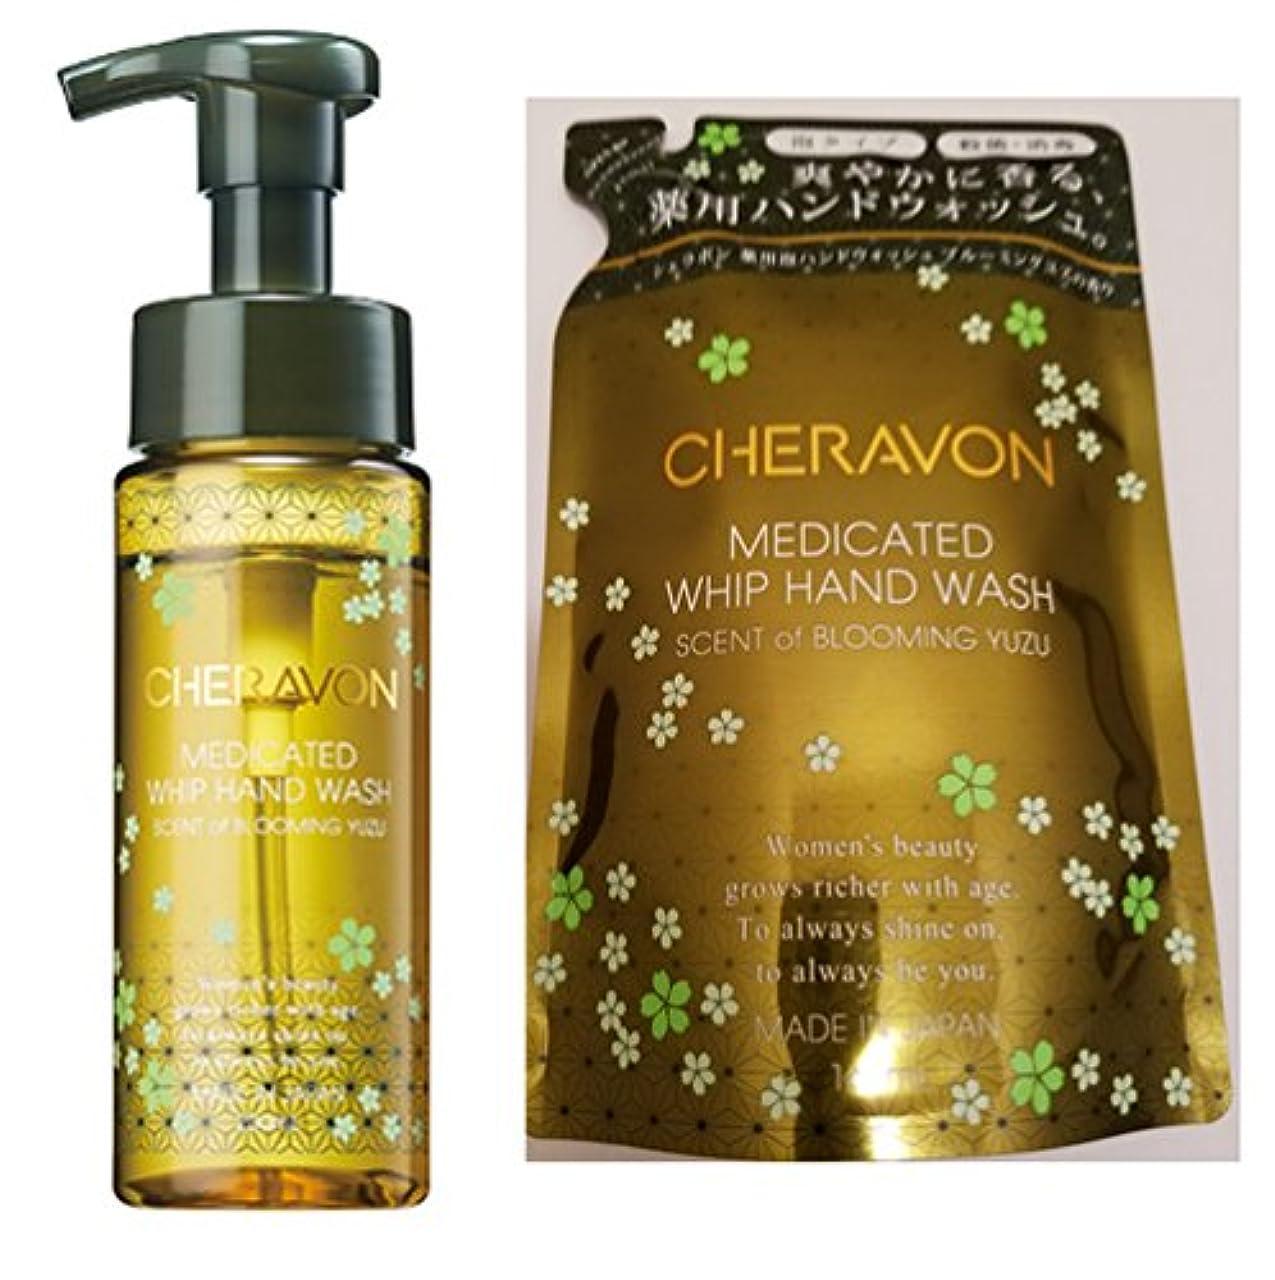 サイトライン急襲検出シェラボン 薬用泡 ハンドウォッシュ ブルーミング ゆずの香り セット(本体+レフィル お得な限定セット) CHERAVON